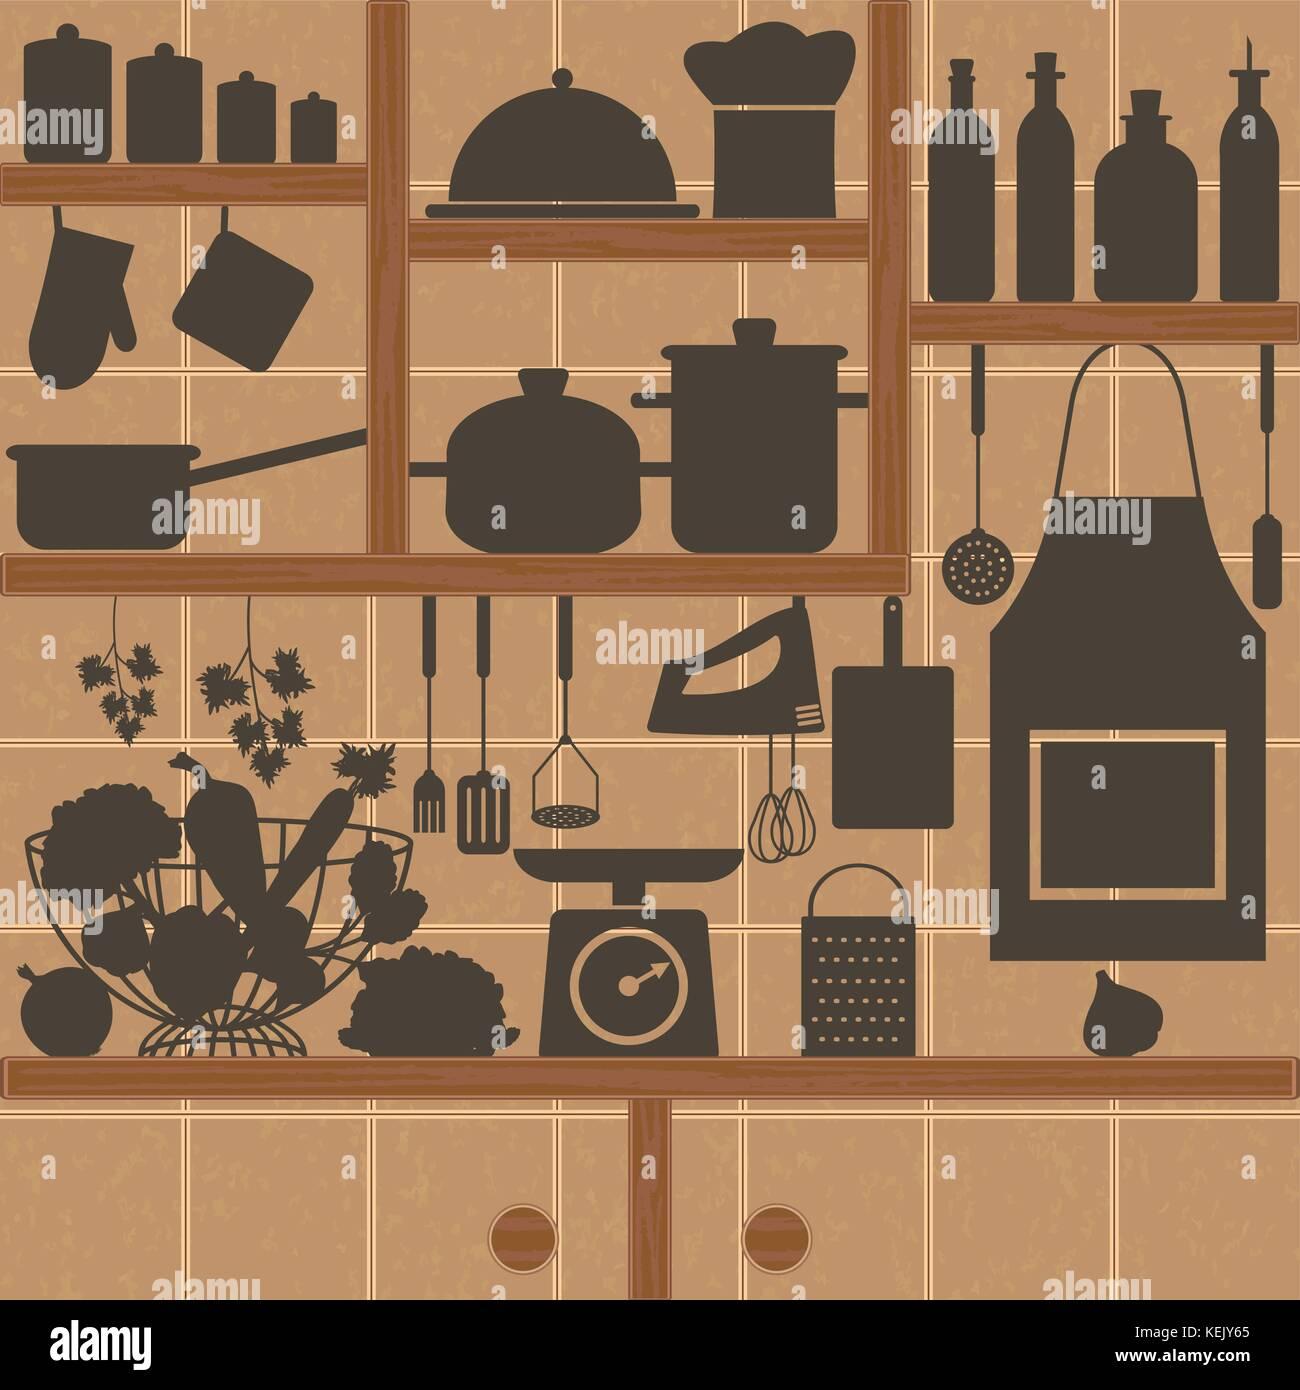 Restaurant Und Küche Silhouette Symbole Auf Fliesen Wand Vektor - Fliesen für restaurant küche